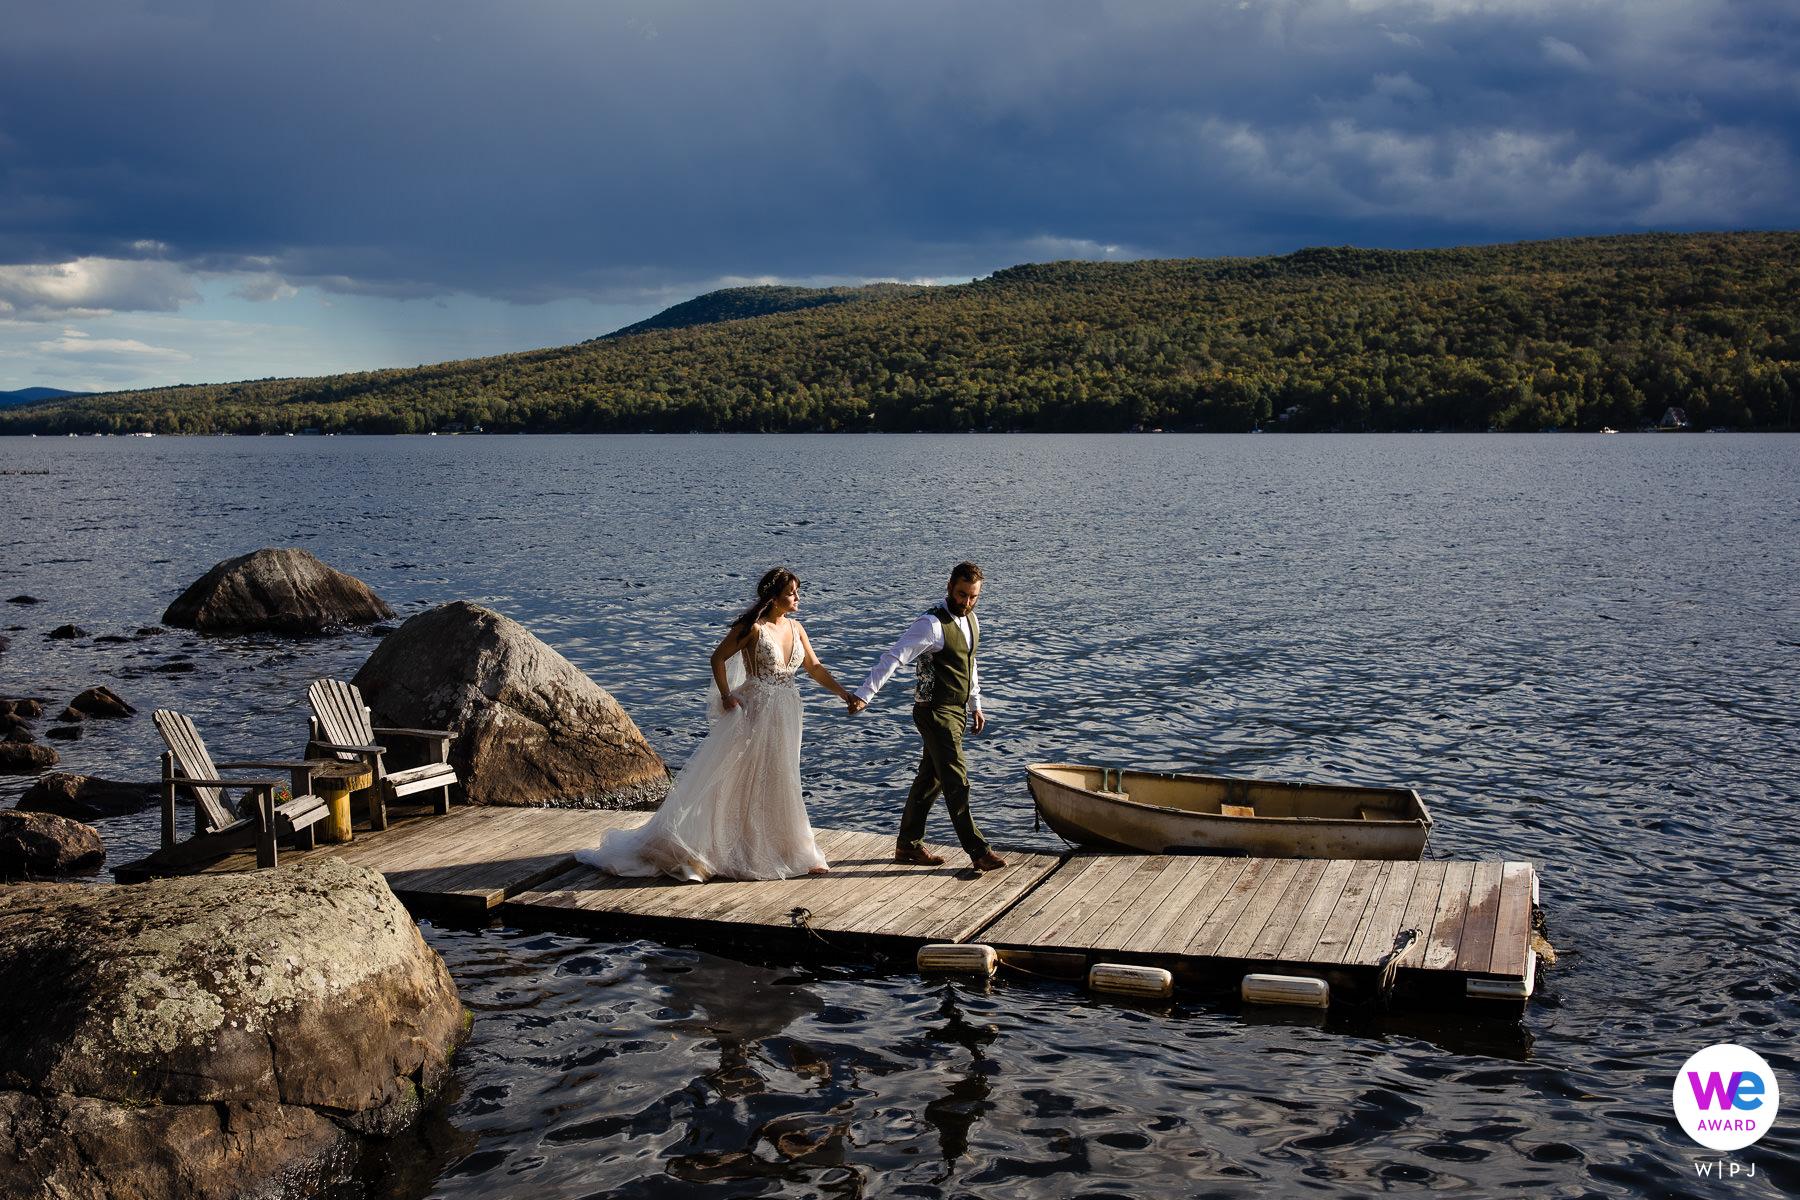 Photographes de mariage à Chateaugay, NY | Le couple voulait prendre des photos sur le quai et le marié aidait la mariée à marcher jusqu'au bout